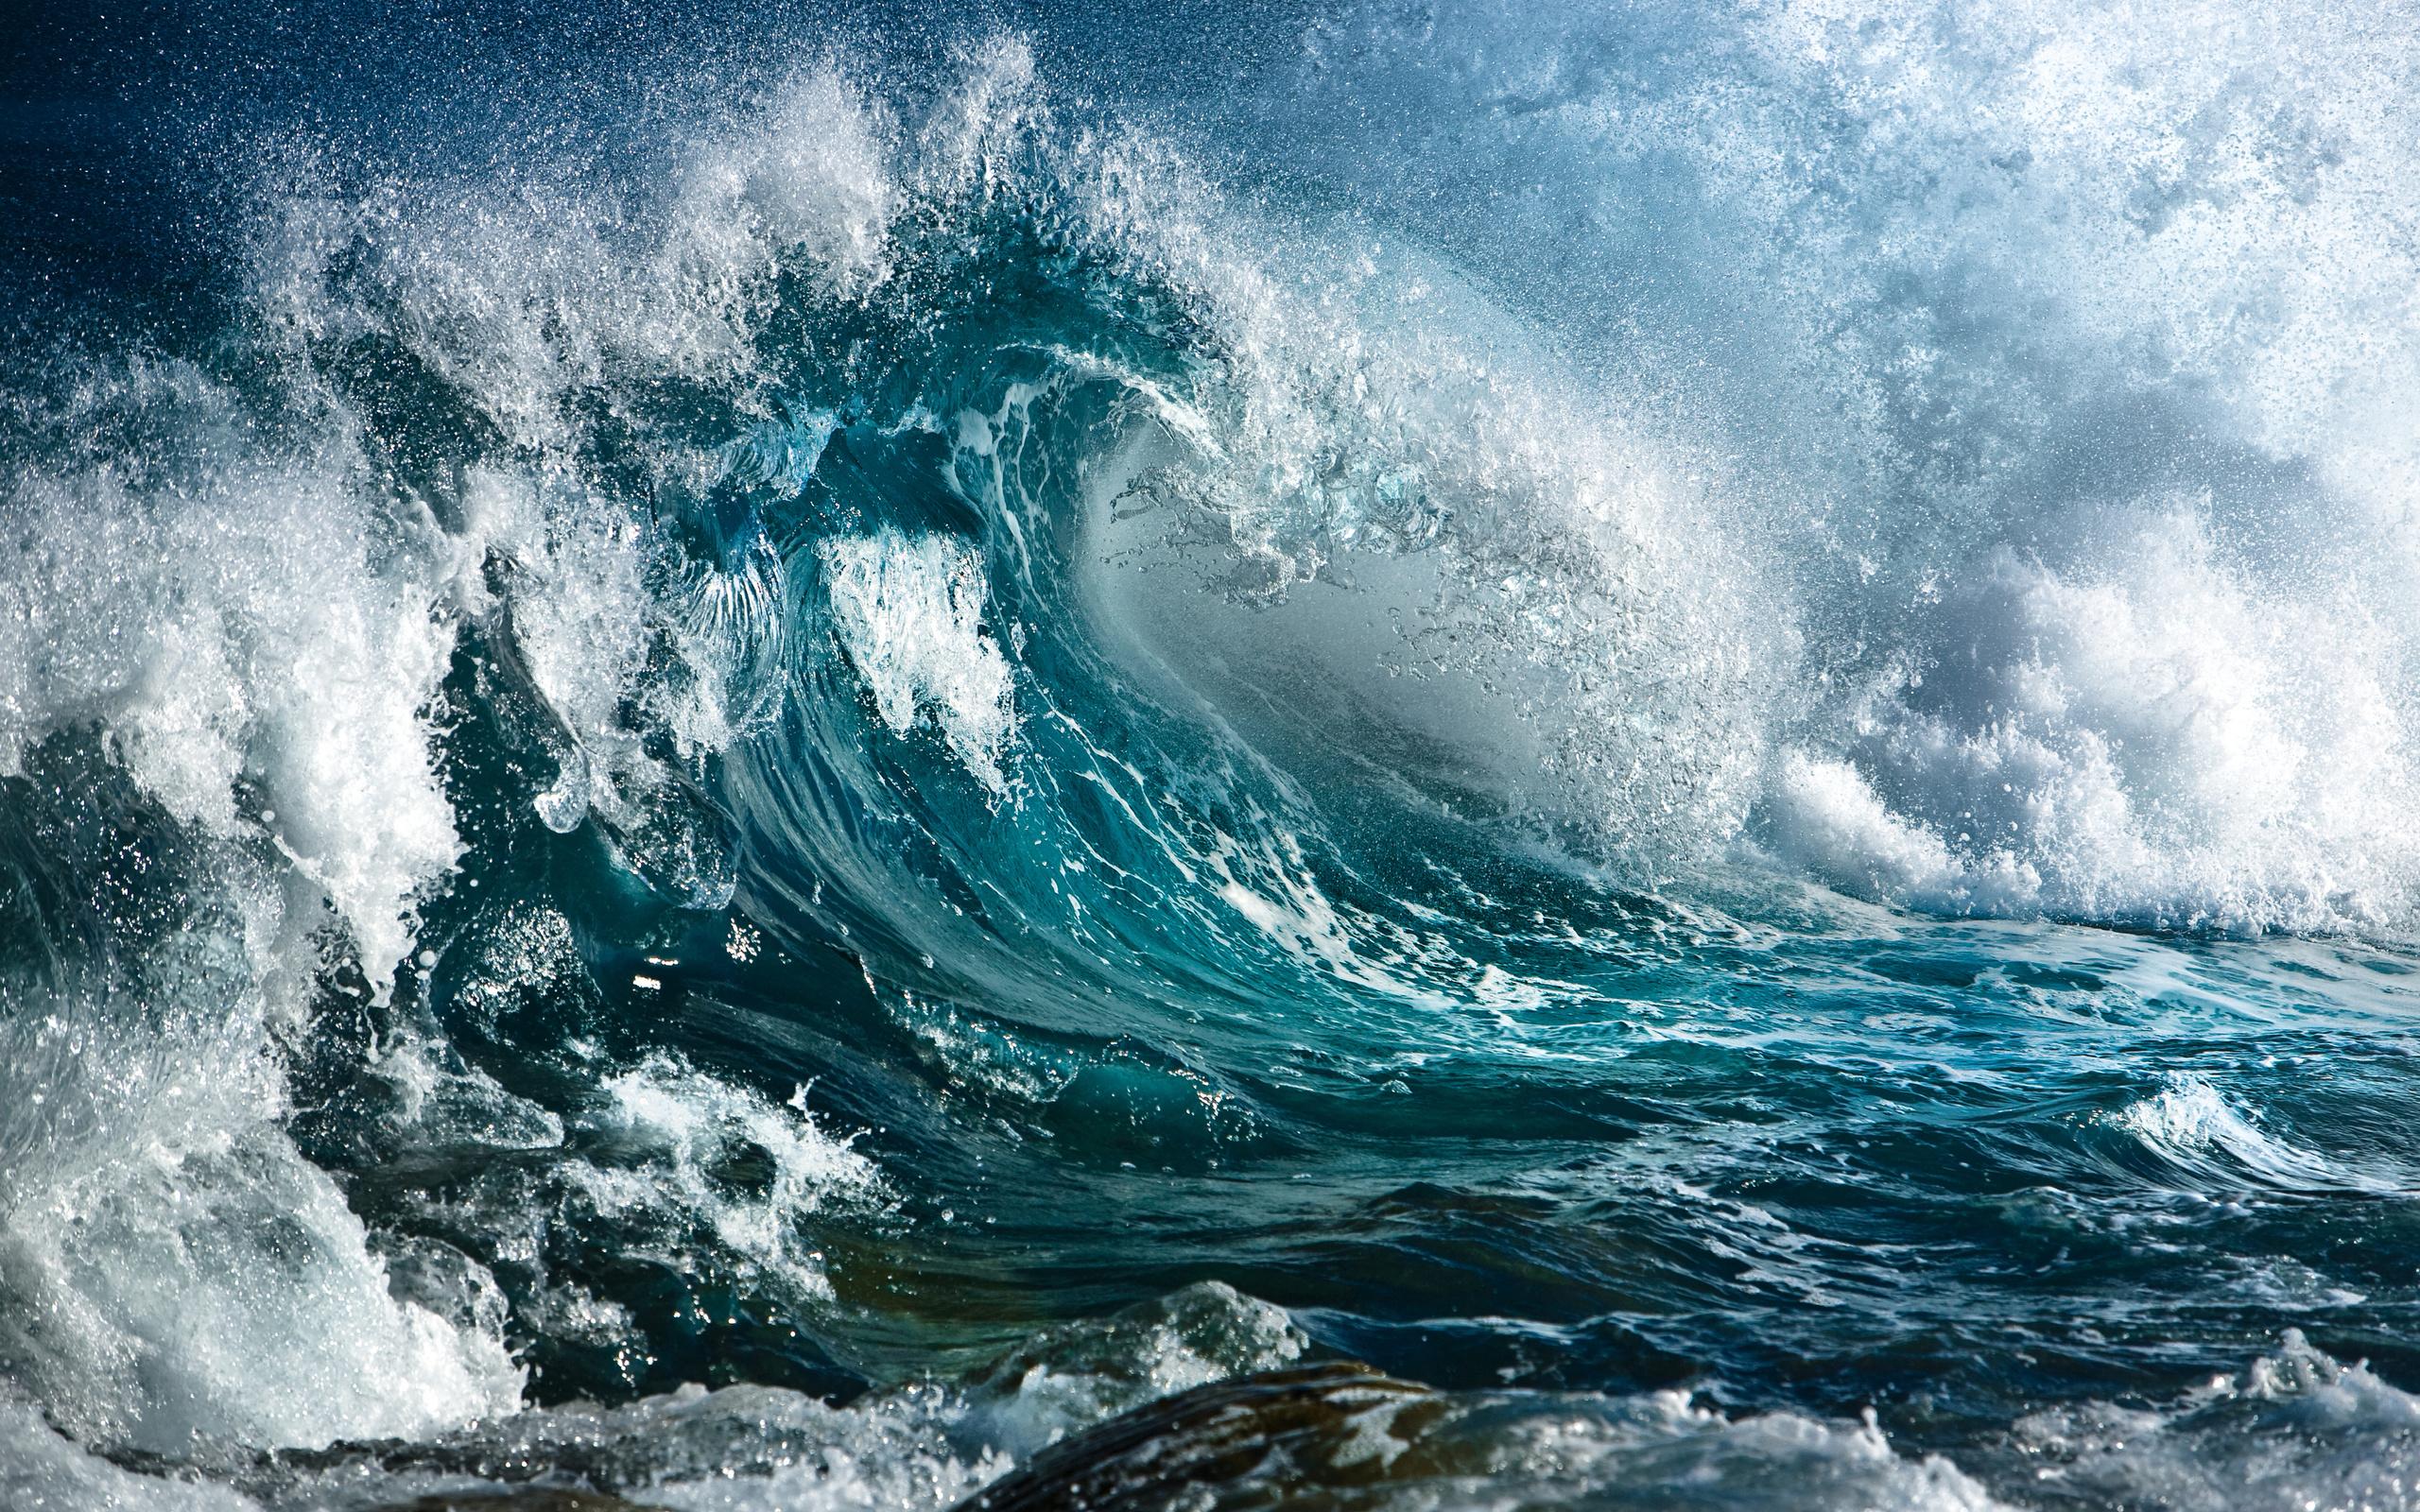 красивые картинки большие волны от любви находится живописном месте